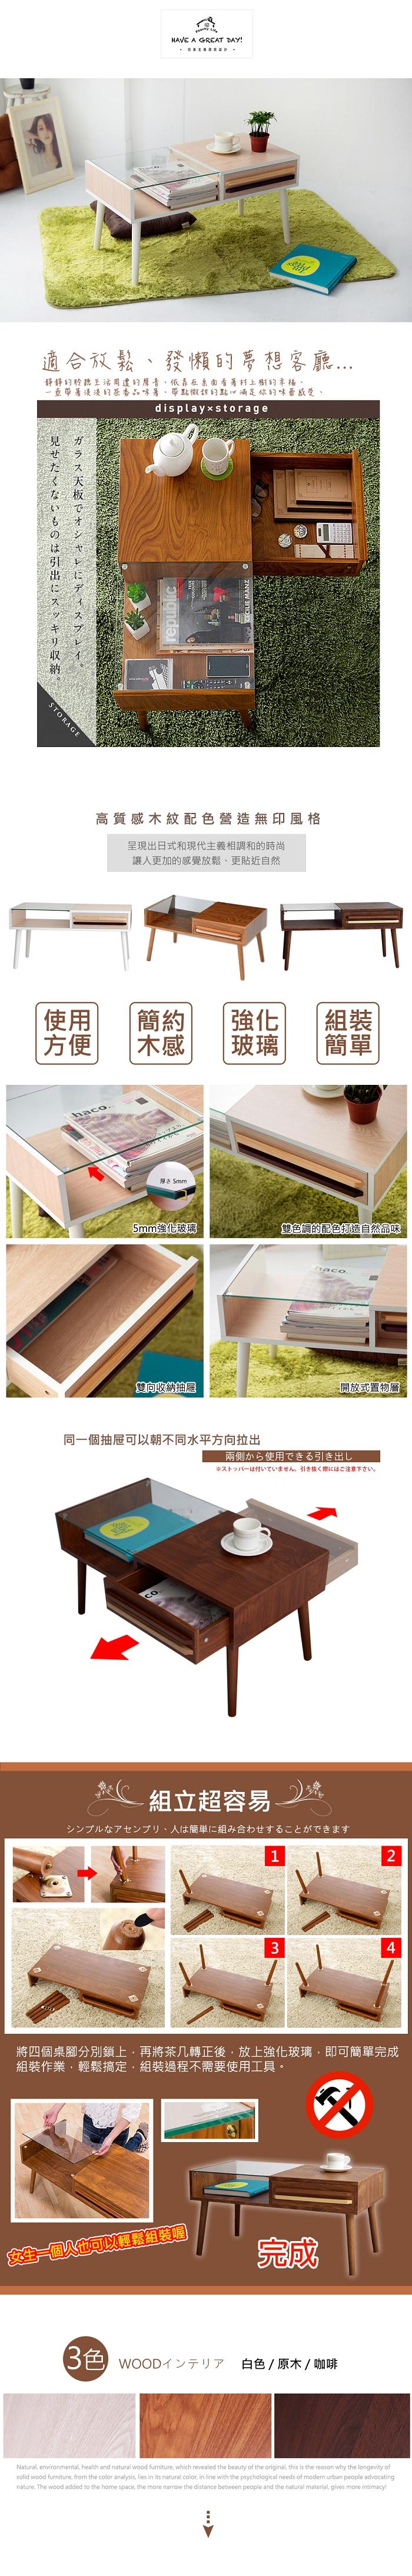 完美主義-無印良品-muji-茶几桌-和室桌-客廳桌-強化玻璃茶几